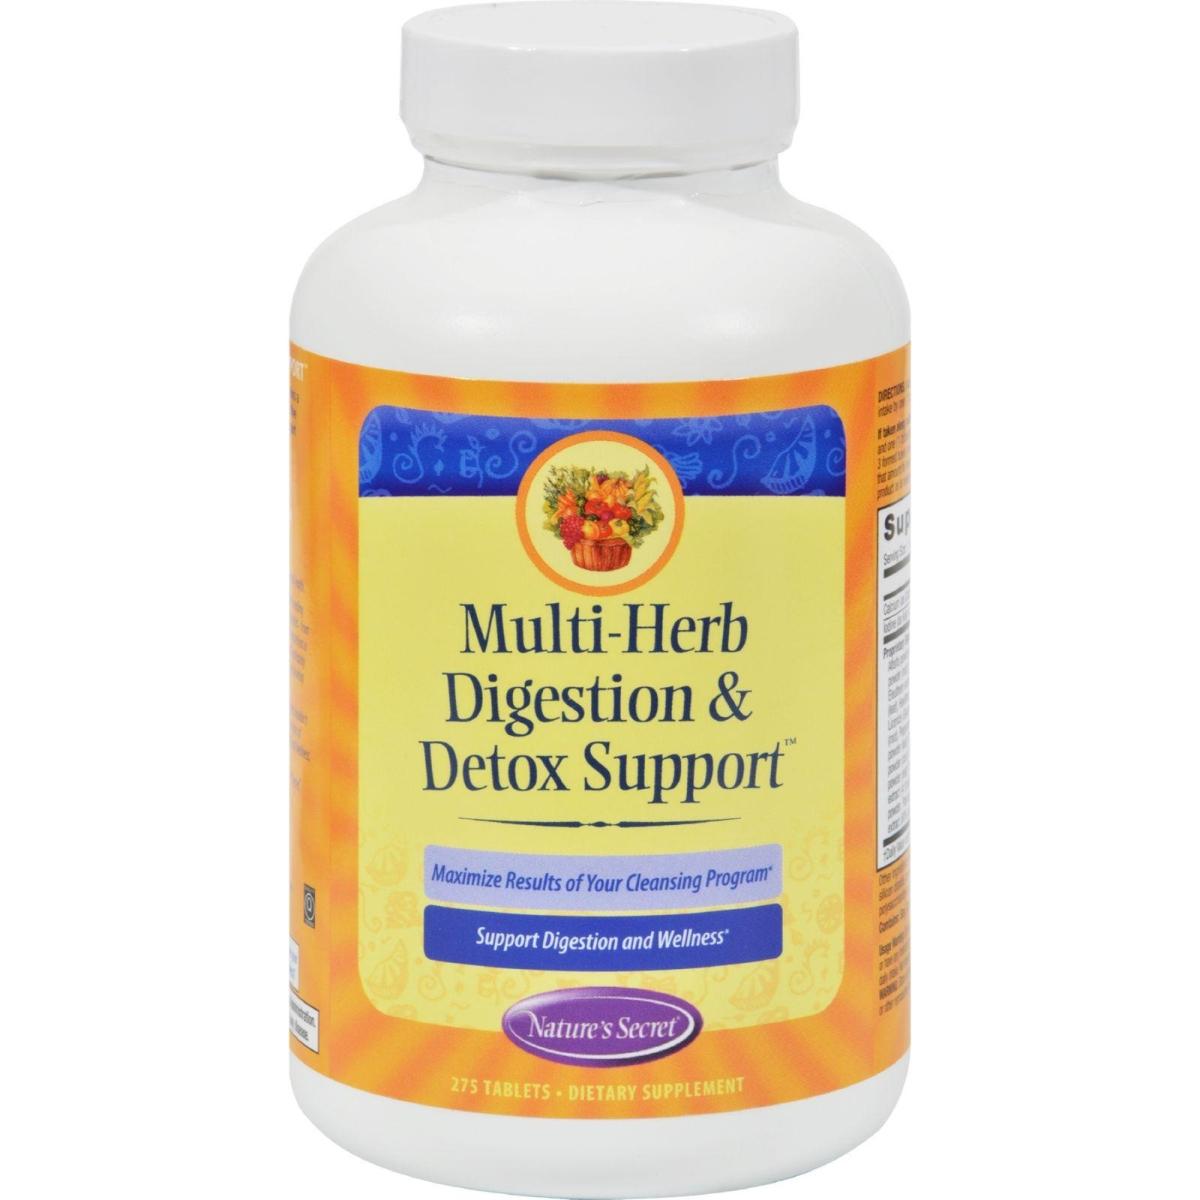 Natures Secret HG0944793 Multi-Herb Digestion & Detox Support - 275 Tablets